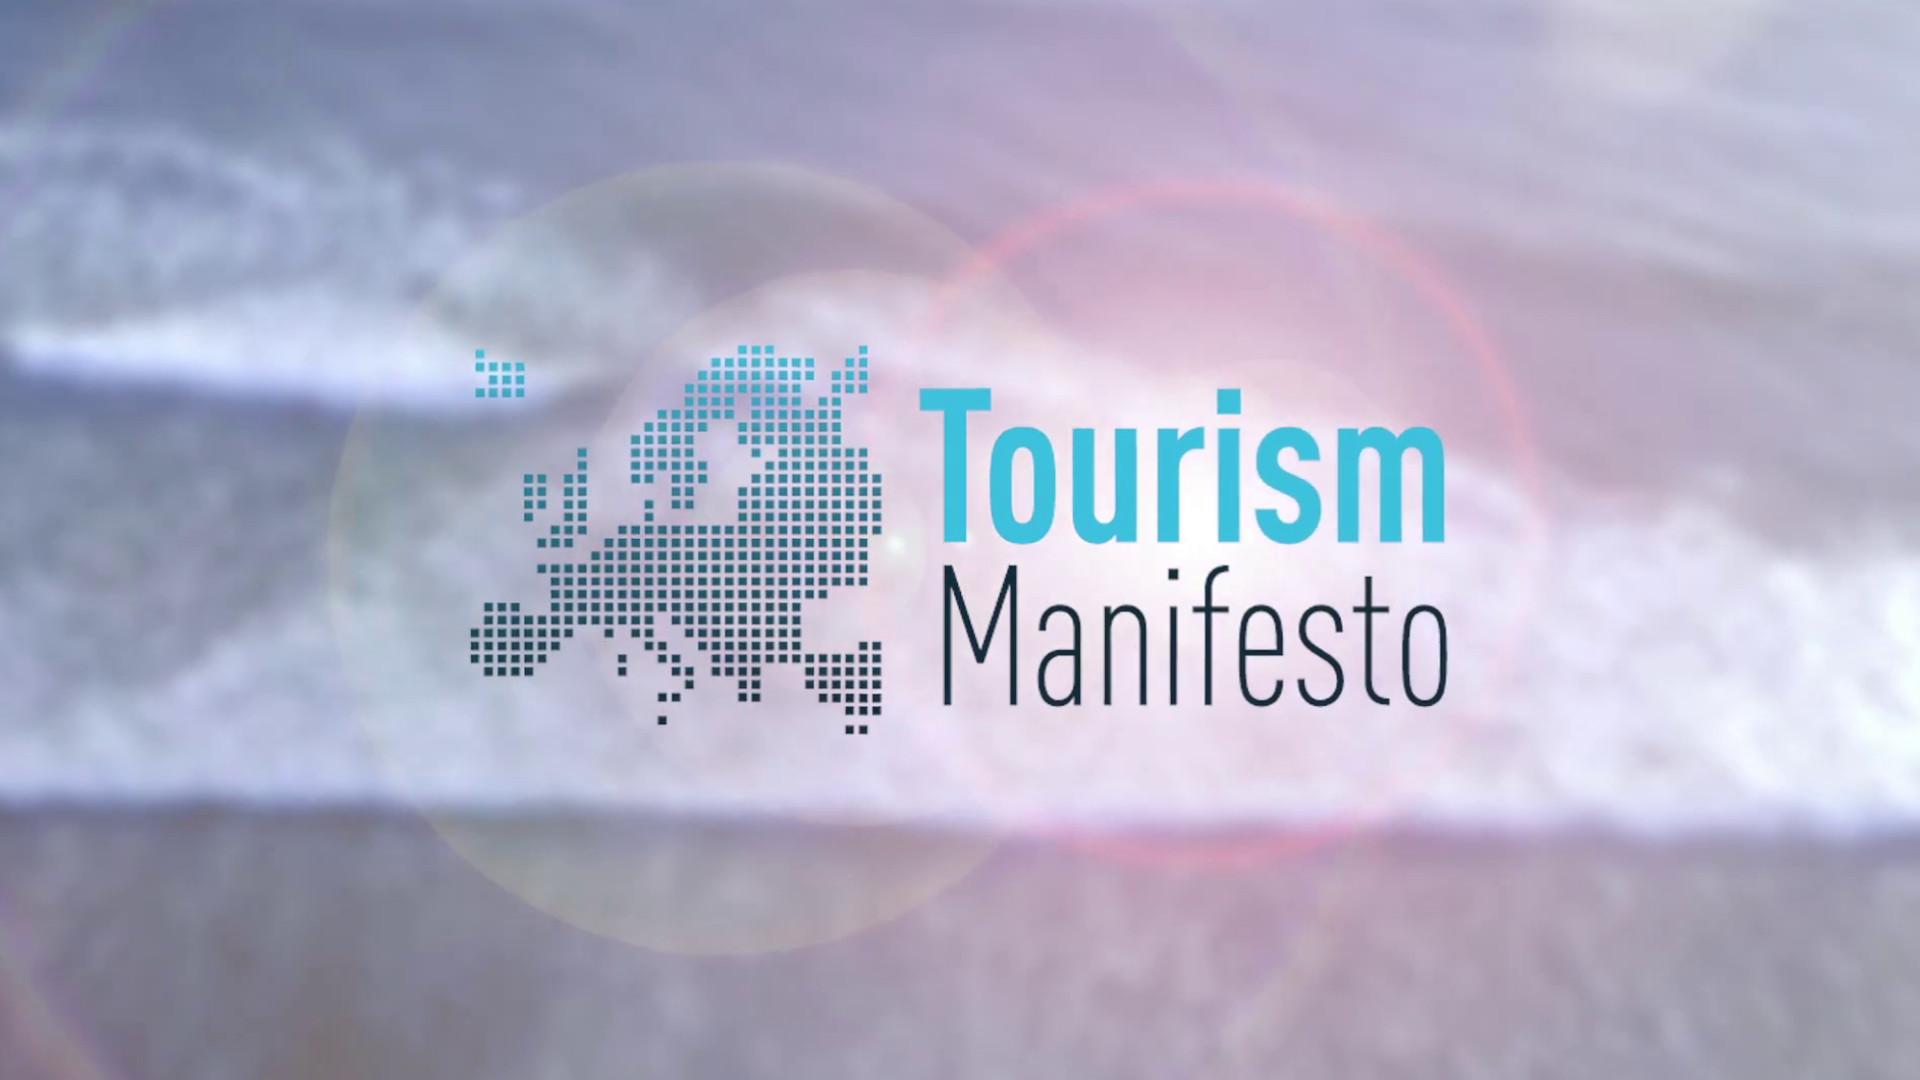 #Tourism4Recovery, European Tourism Manifesto